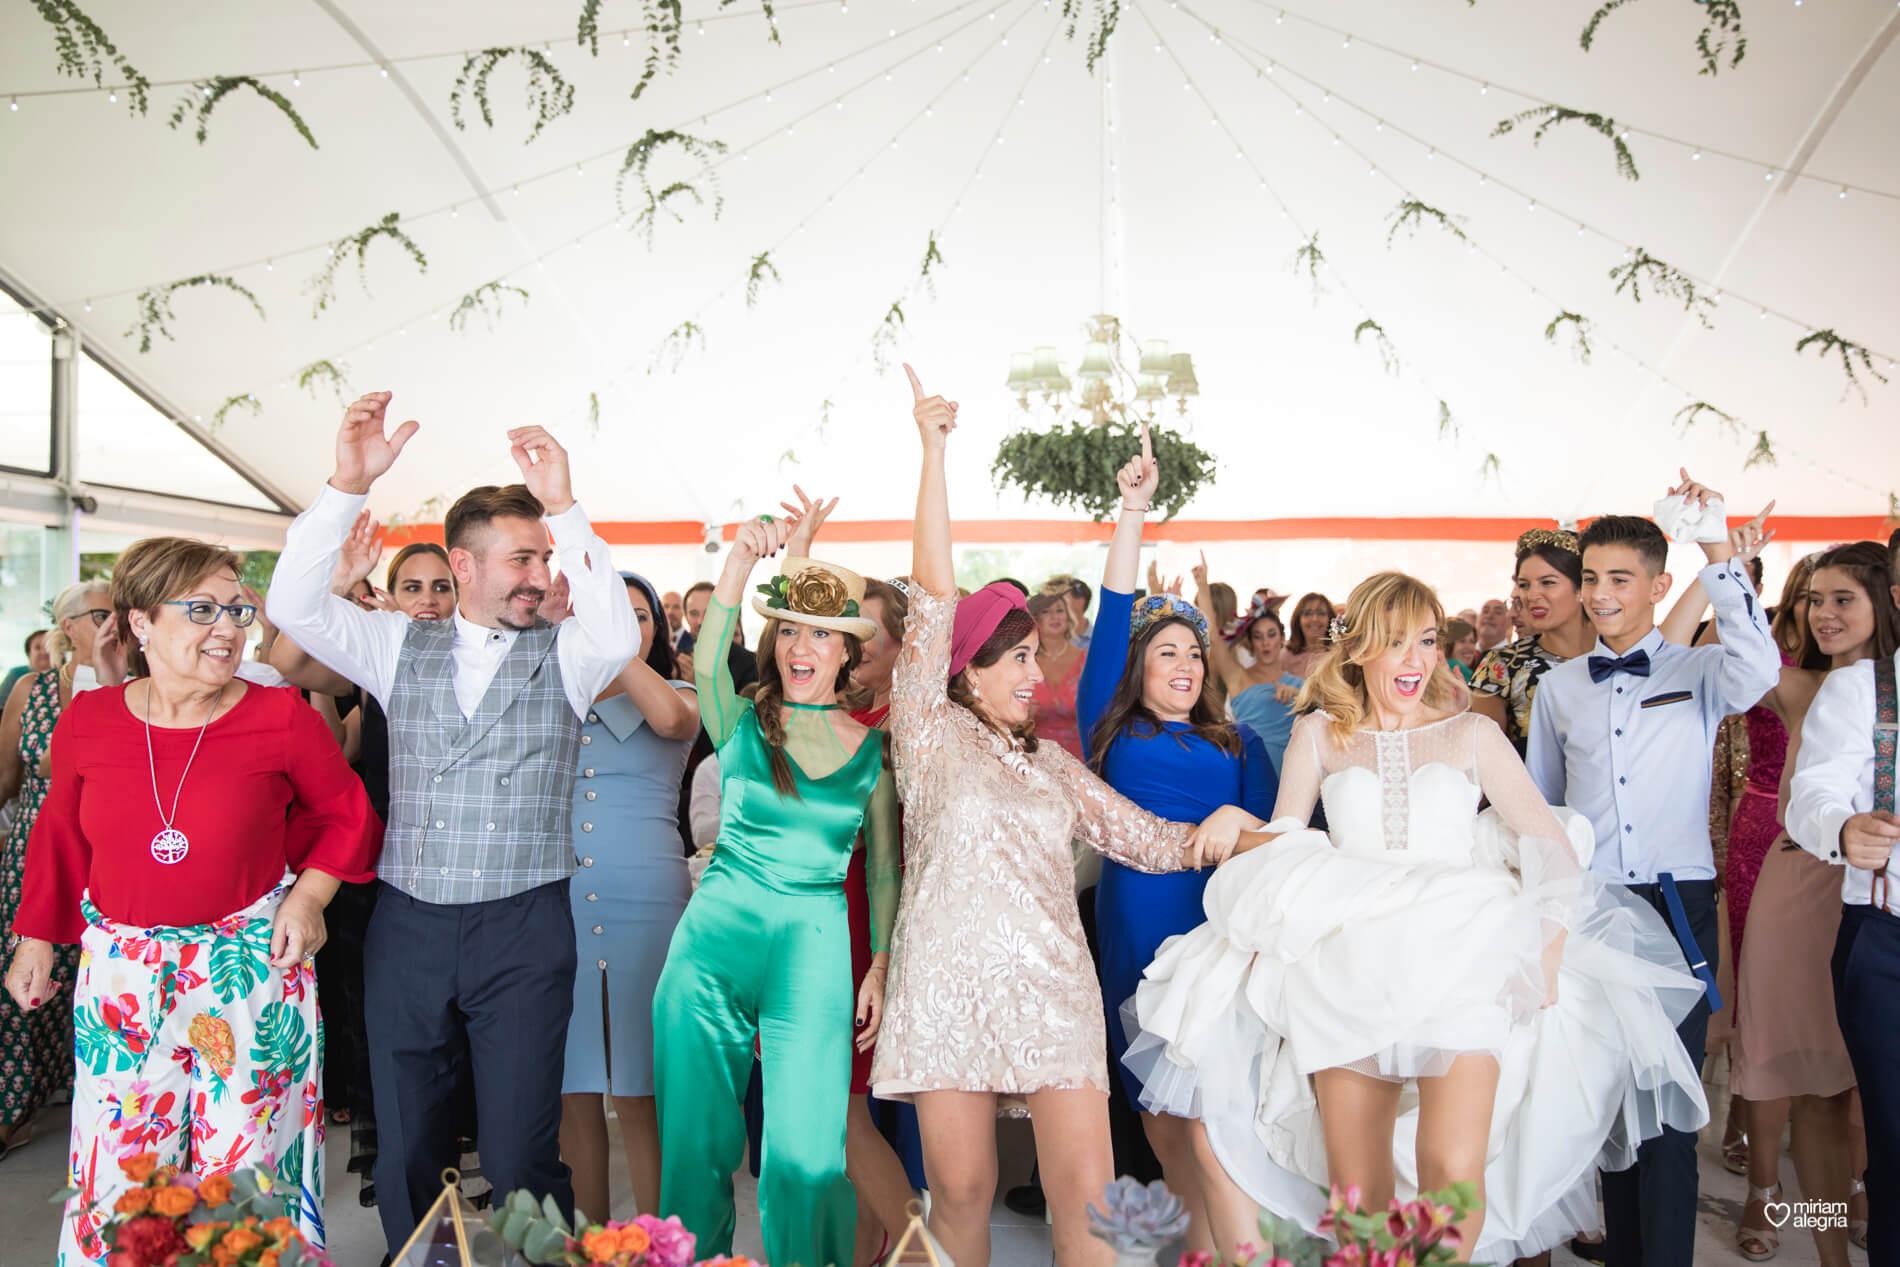 boda-en-finca-villa-vera-de-alemc7-miriam-alegria-fotografos-boda-murcia-167